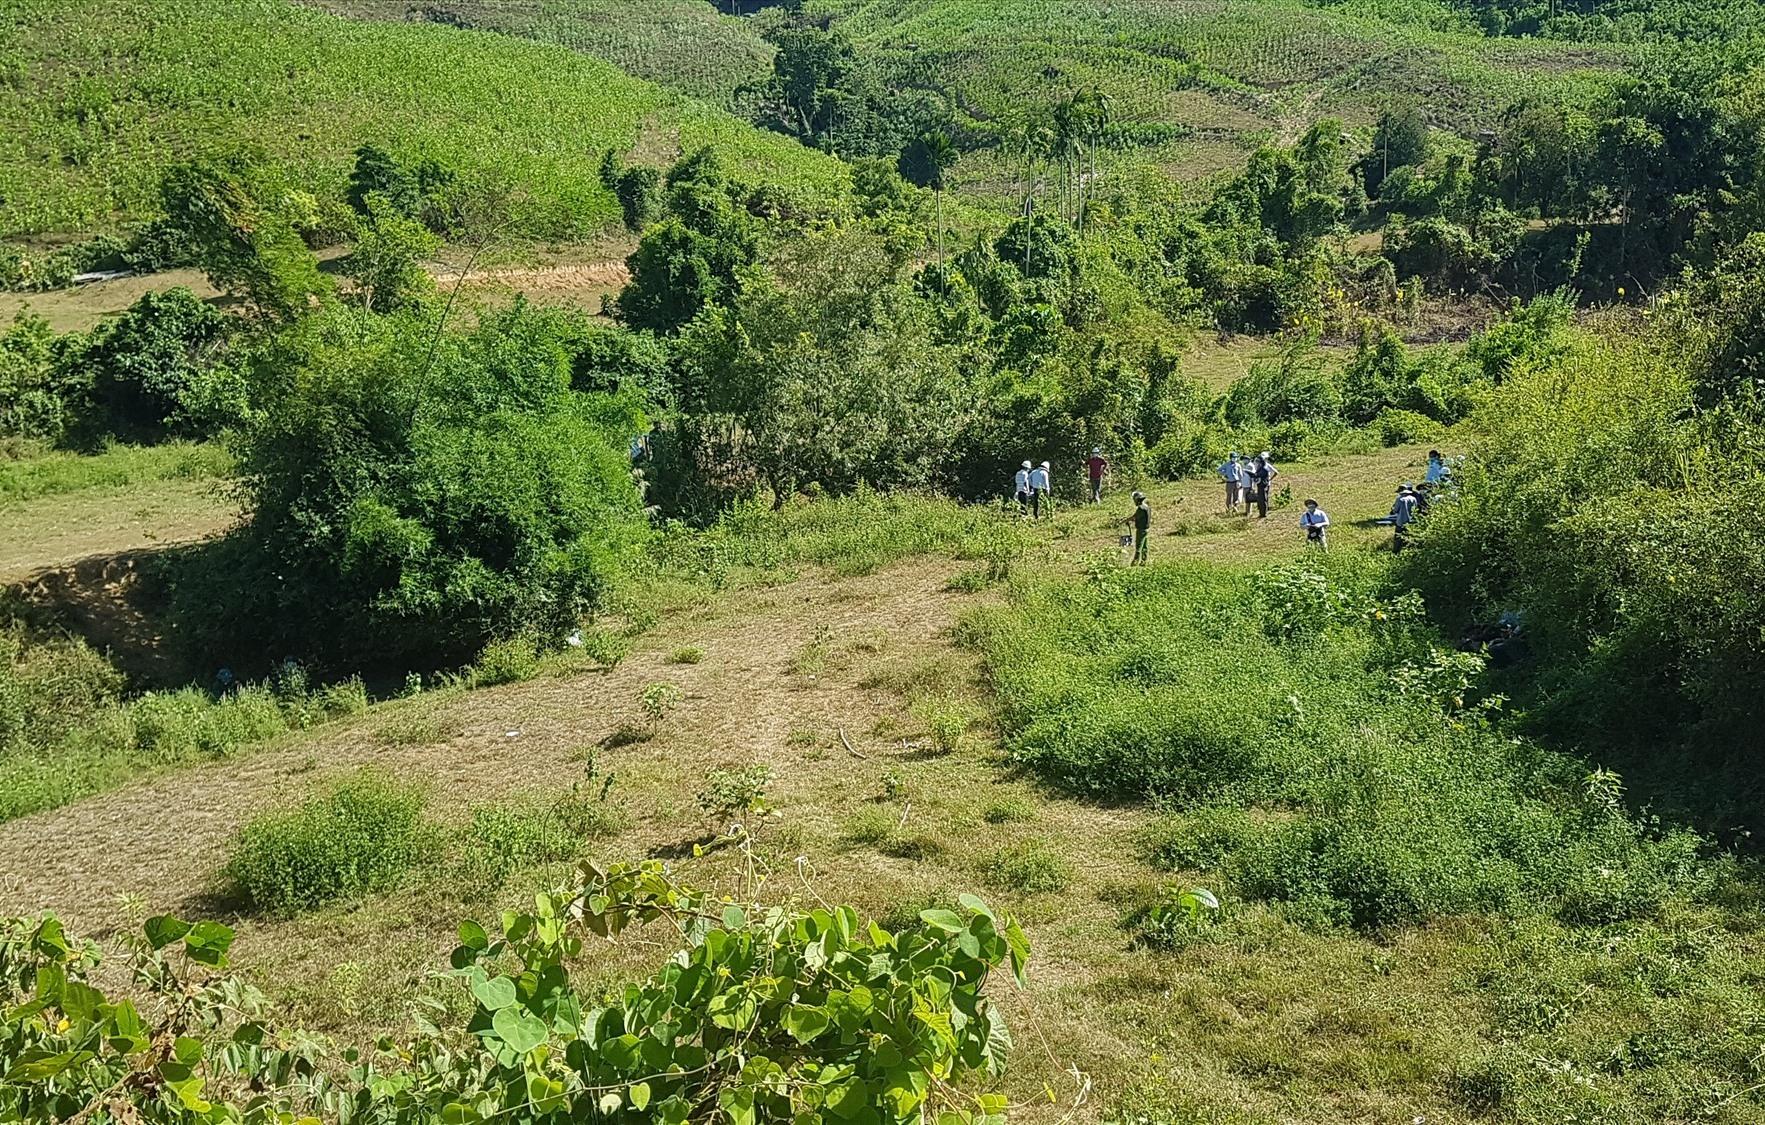 Một phần diện tích đất bị cưỡng chế thu hồi của 4 hộ dân xã Tiên Lãnh. Ảnh: L.D